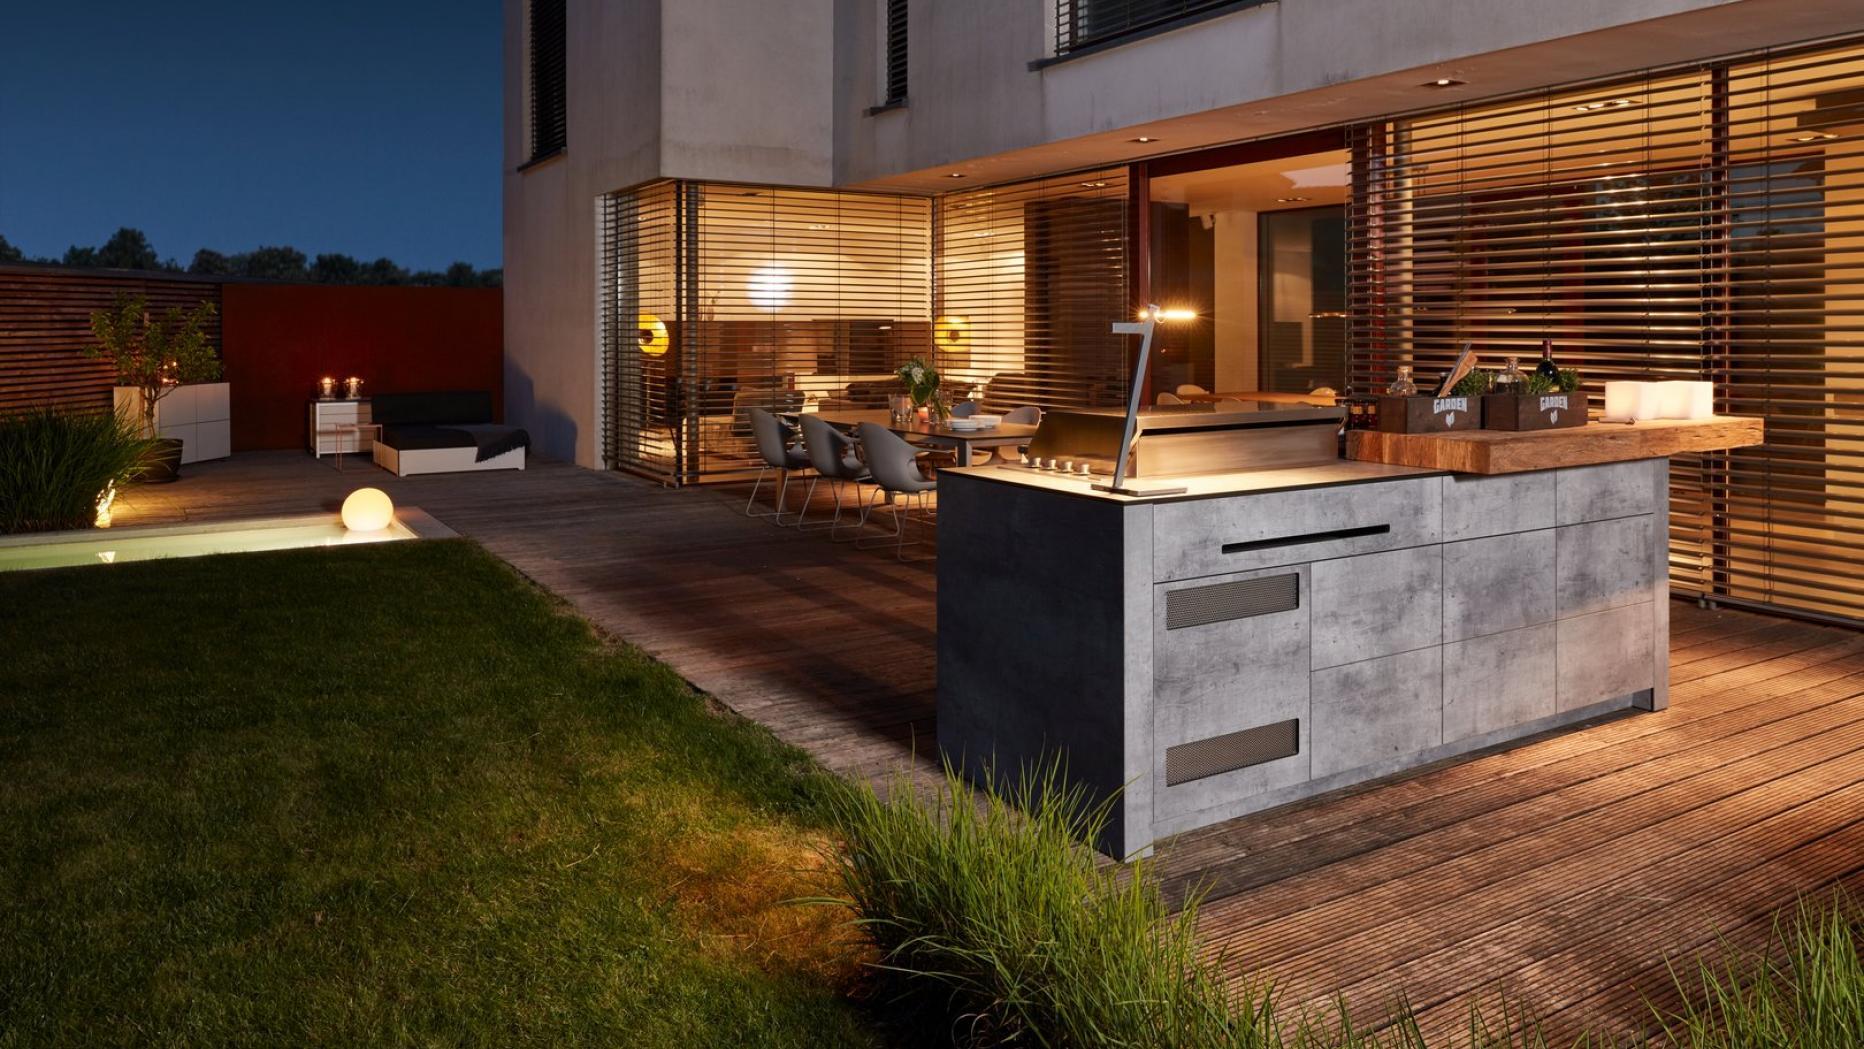 Full Size of Kochen Im Freien So Planen Sie Eine Outdoor Kche Mobile Küche Wohnzimmer Mobile Outdoorküche